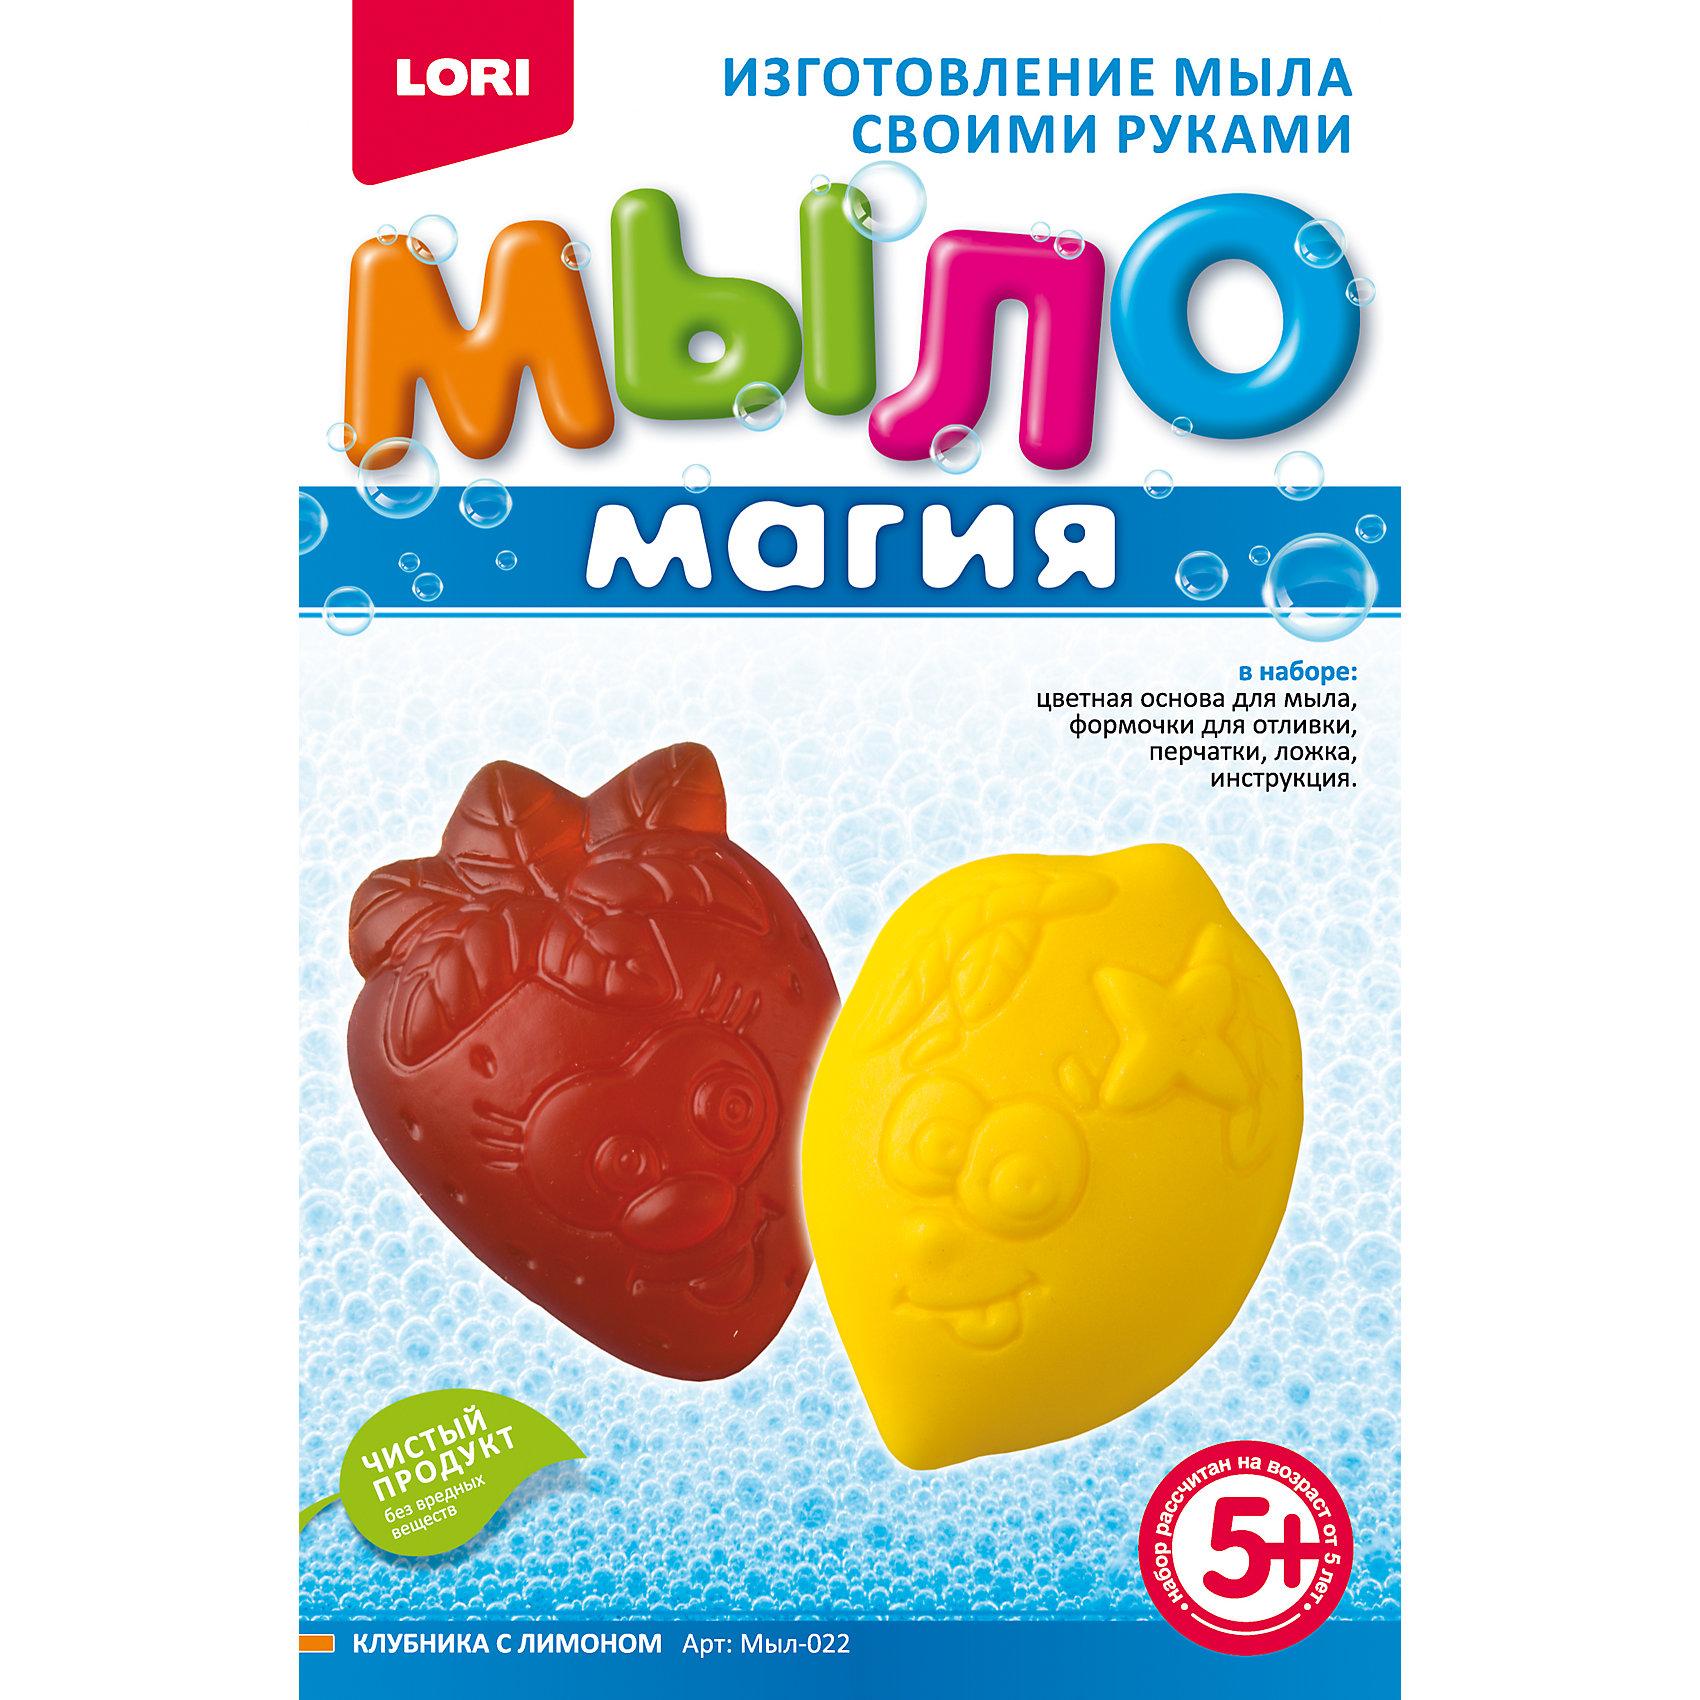 МылоМагия Клубника с лимономСоздание мыла<br>Характеристики товара:<br><br>• цвет: разноцветный<br>• размер упаковки: 20х14х4 см<br>• вес: 160 г<br>• комплектация: основа для мыла, емкость для растапливания, 2 формы для заливки мыльного раствора, пищевой краситель, пипетка, перчатки, ложка инструкция<br>• возраст: от пяти лет<br>• страна бренда: РФ<br>• страна изготовитель: РФ<br><br>Этот набор для творчества станет отличным подарком ребенку - ведь с помощью него можно получить красивое мыло! В набор входит основа для мыла, емкость для растапливания, 2 формы для заливки мыльного раствора, пищевой краситель, пипетка, перчатки, ложка инструкция. Чтобы получить мыло, ребенку нужно следовать указаниям инструкции. В итоге получается полезная вещь или подарок родным.<br>Детям очень нравится что-то делать своими руками! Кроме того, творчество помогает детям развивать важные навыки и способности, оно активизирует мышление, формирует усидчивость, творческие способности, мелкую моторику и воображение. Изделие производится из качественных и проверенных материалов, которые безопасны для детей.<br><br>Набор МылоМагия Клубника с лимоном от бренда LORI можно купить в нашем интернет-магазине.<br><br>Ширина мм: 208<br>Глубина мм: 135<br>Высота мм: 40<br>Вес г: 163<br>Возраст от месяцев: 60<br>Возраст до месяцев: 108<br>Пол: Унисекс<br>Возраст: Детский<br>SKU: 5154886